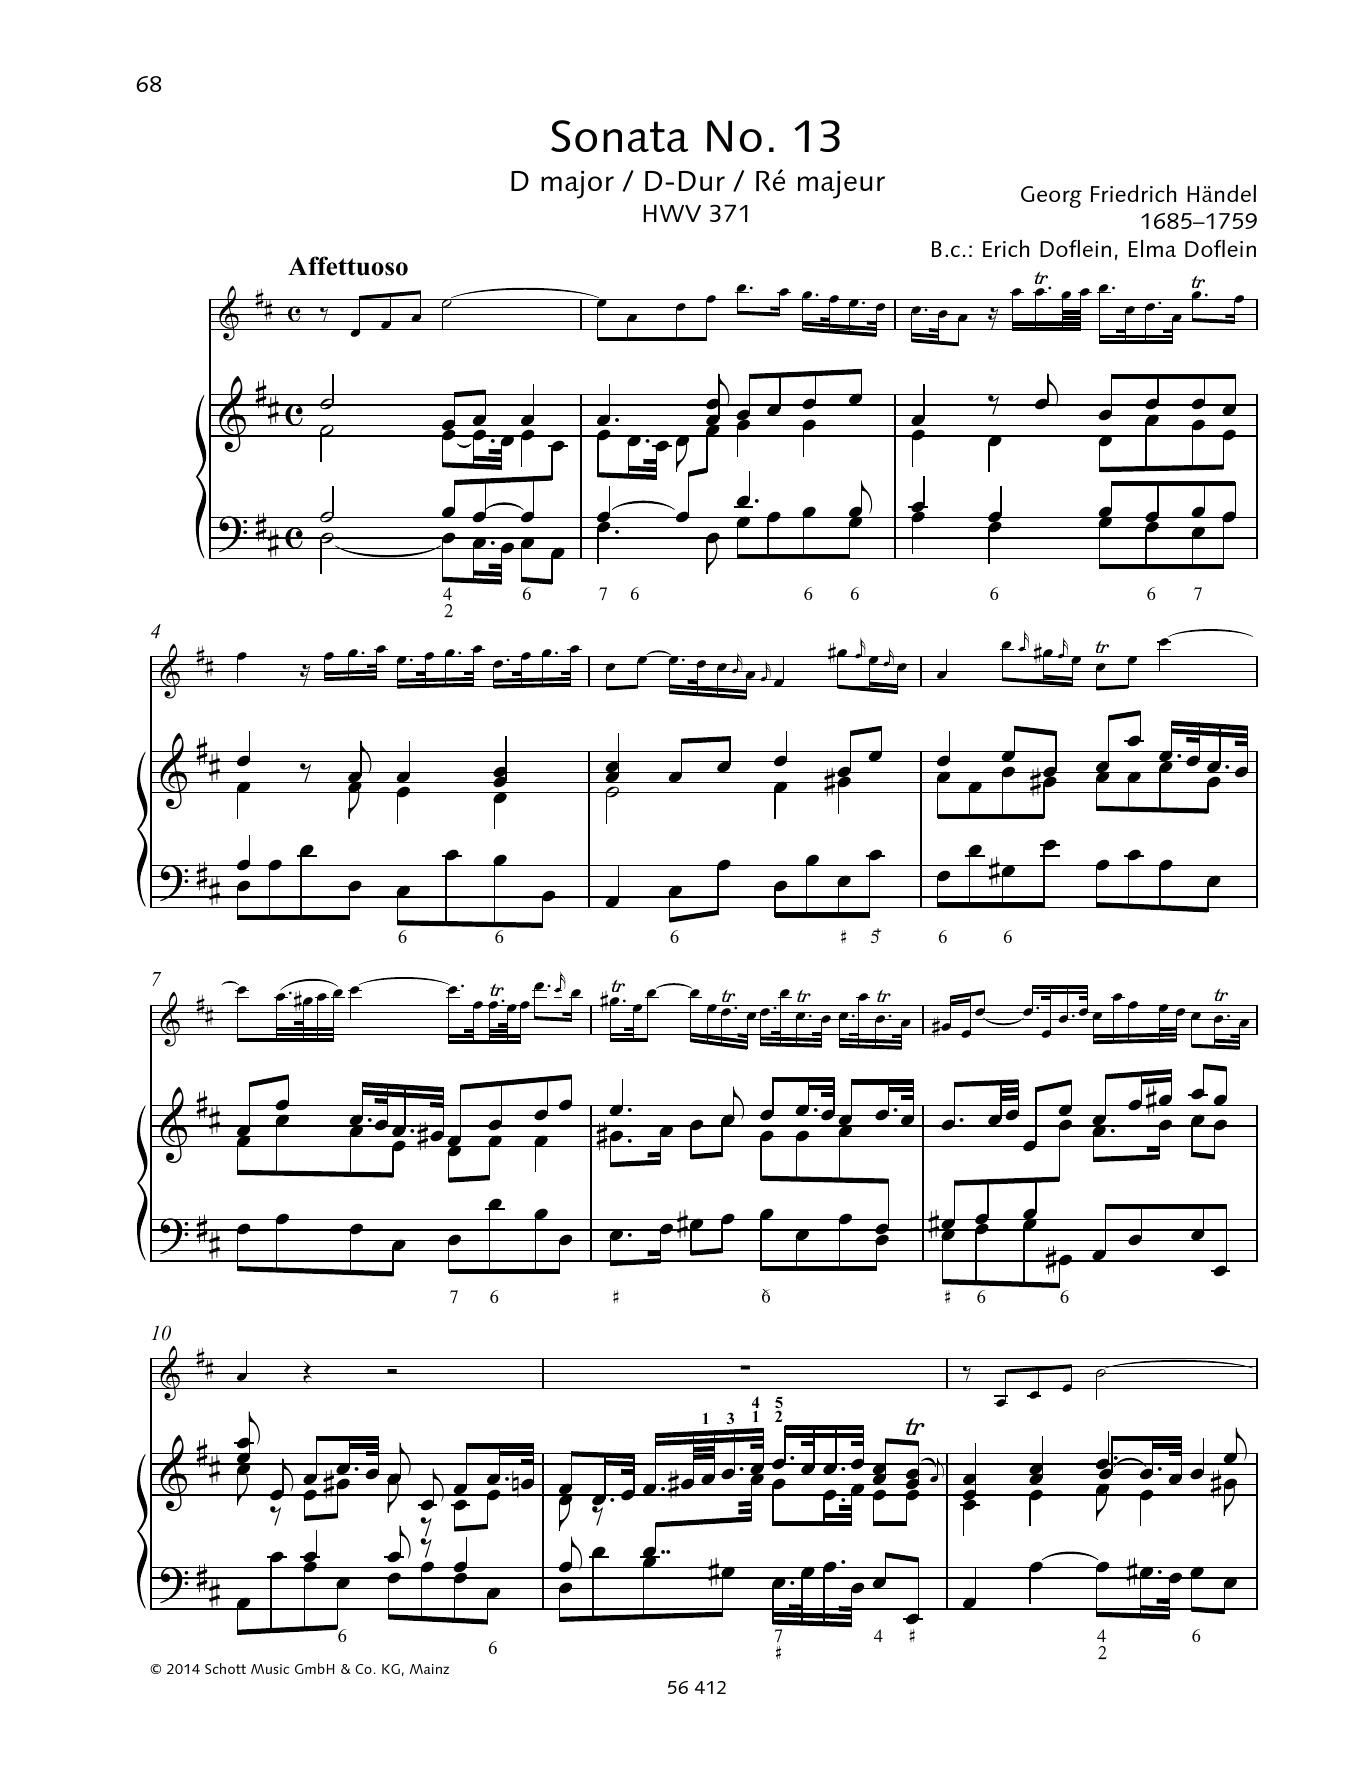 Sonata No. 13 D major